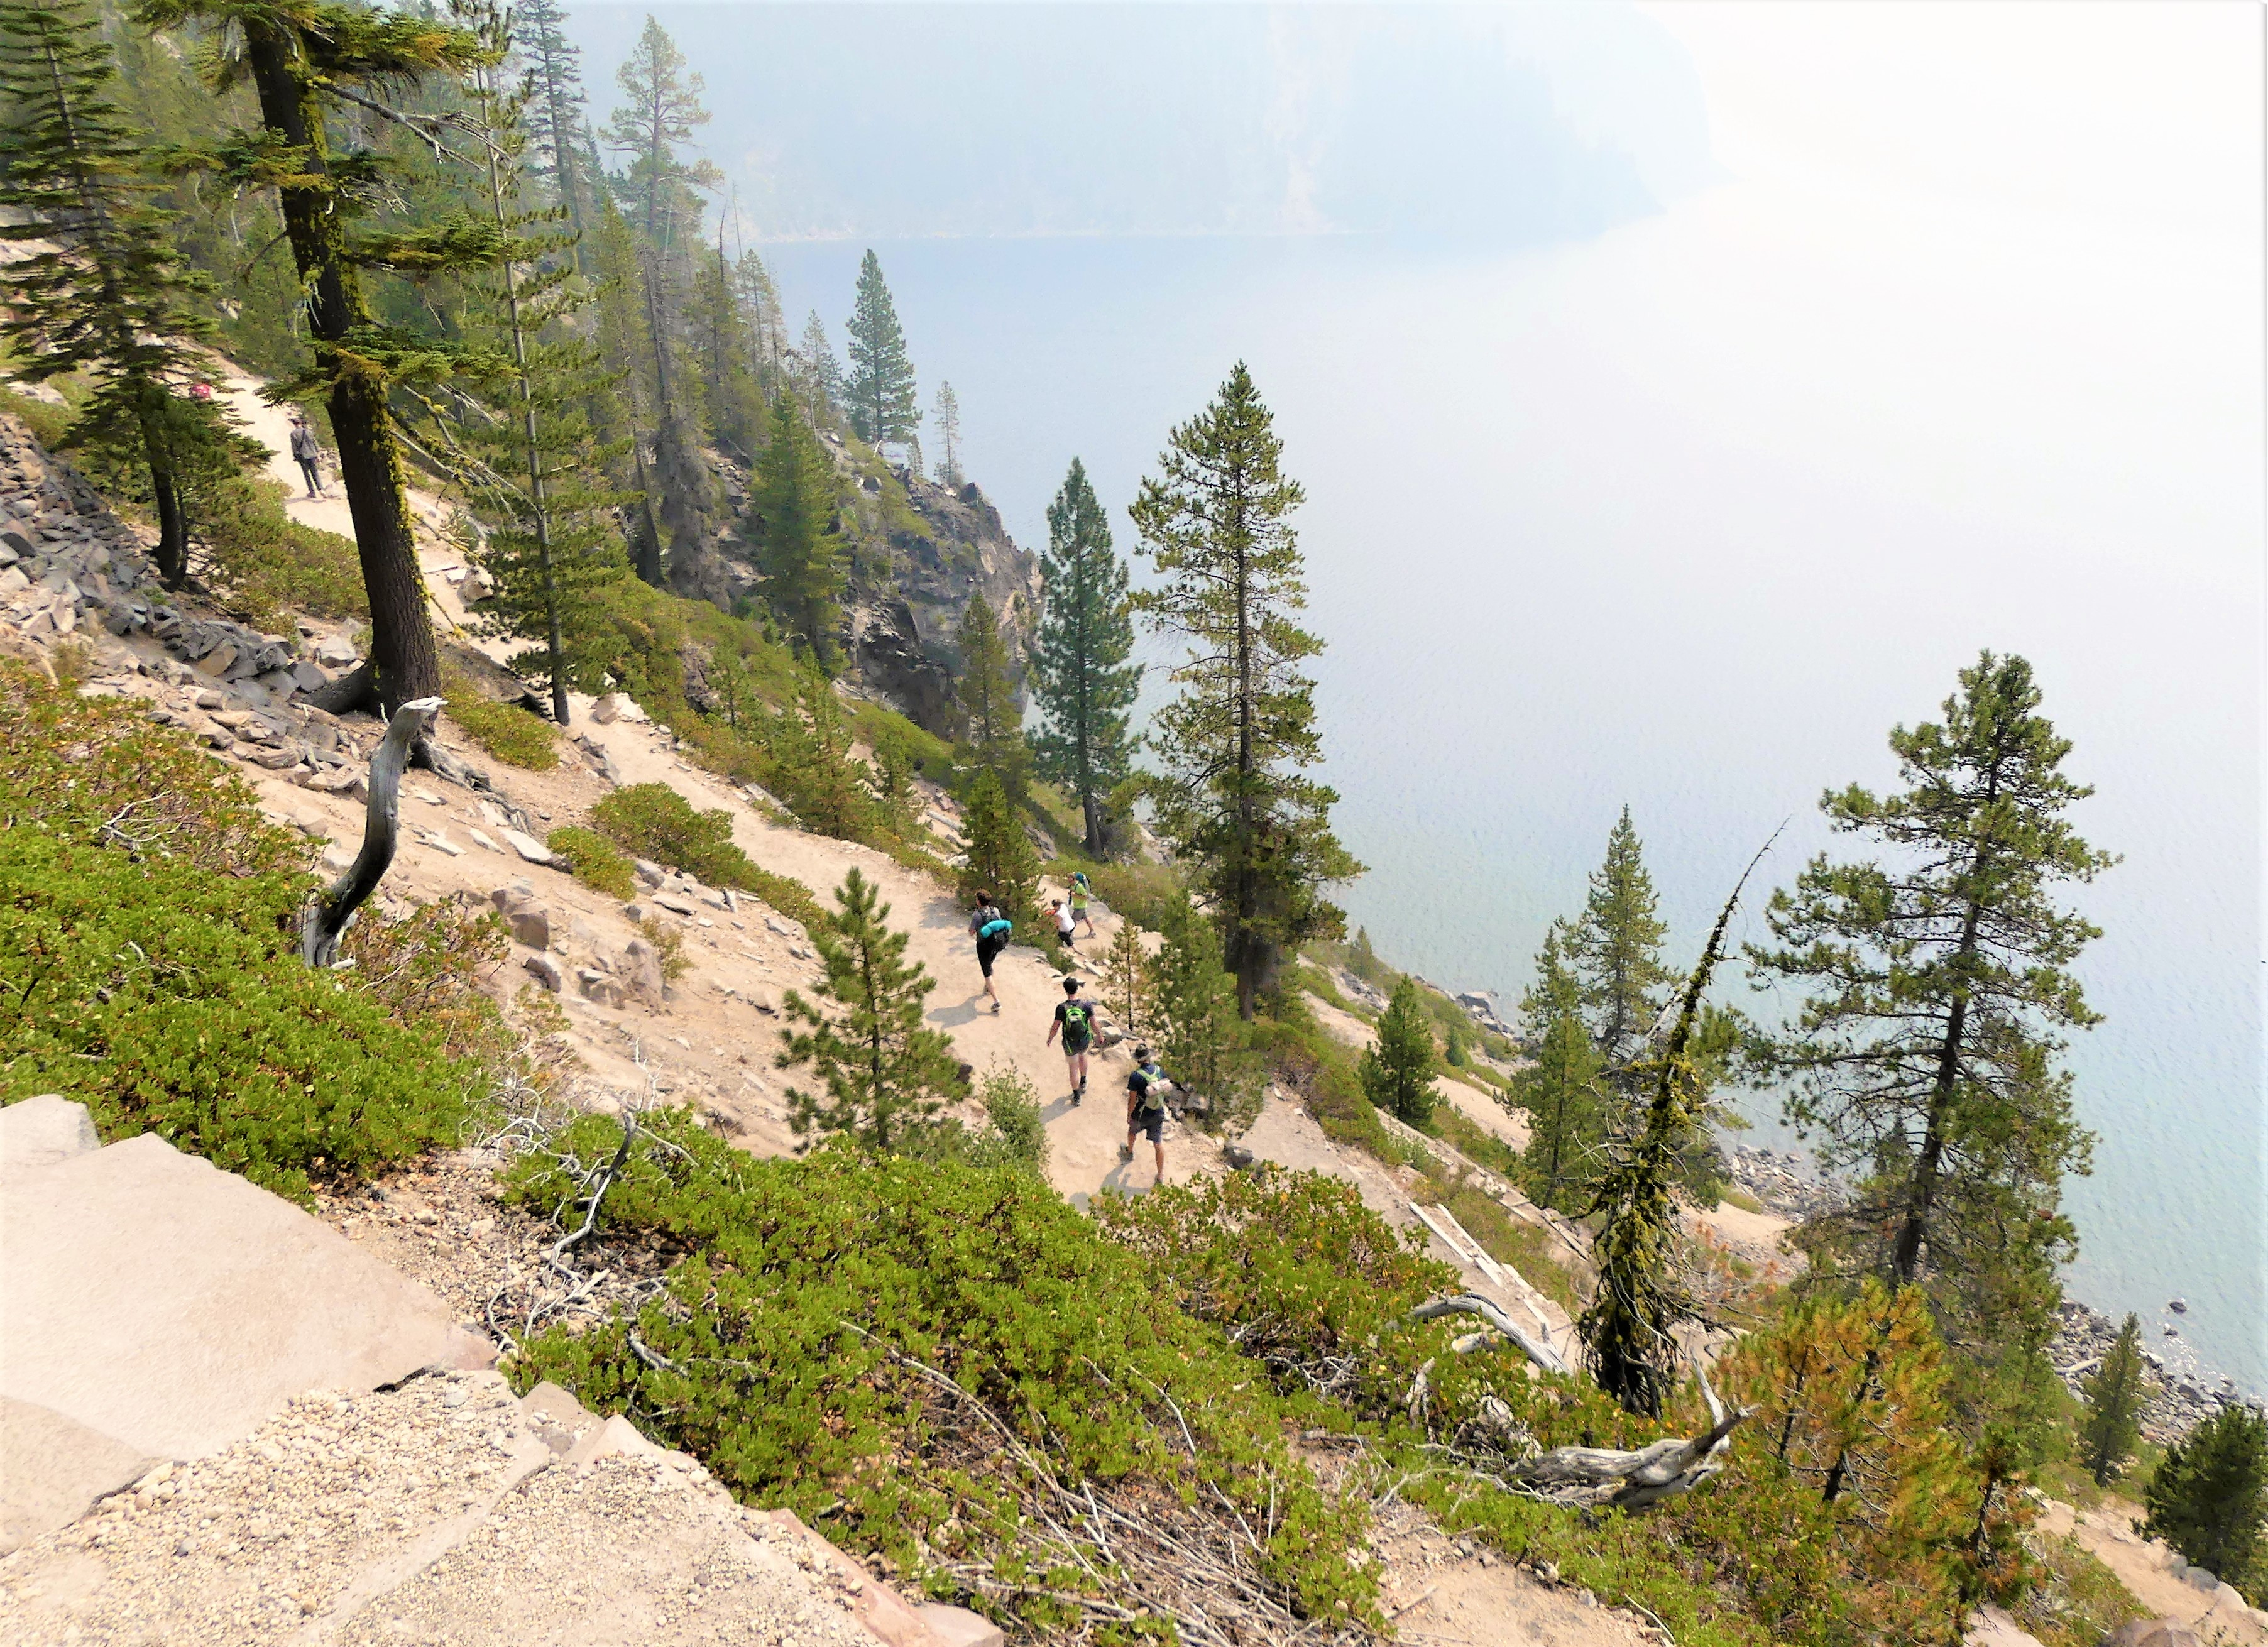 trail switchbacks